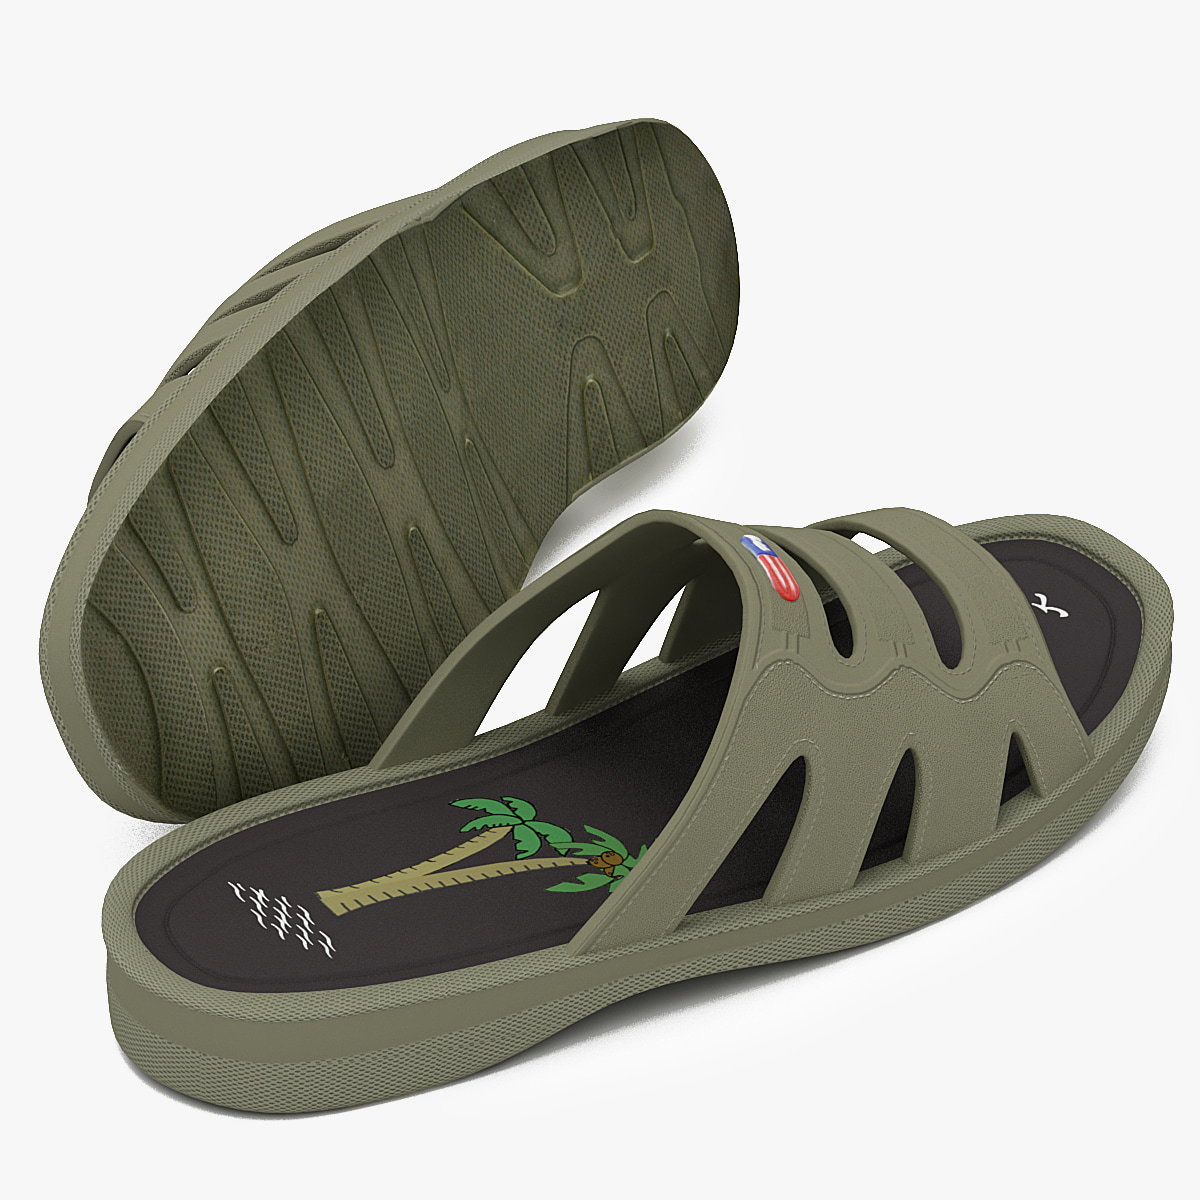 Sandals_V2_00.jpg